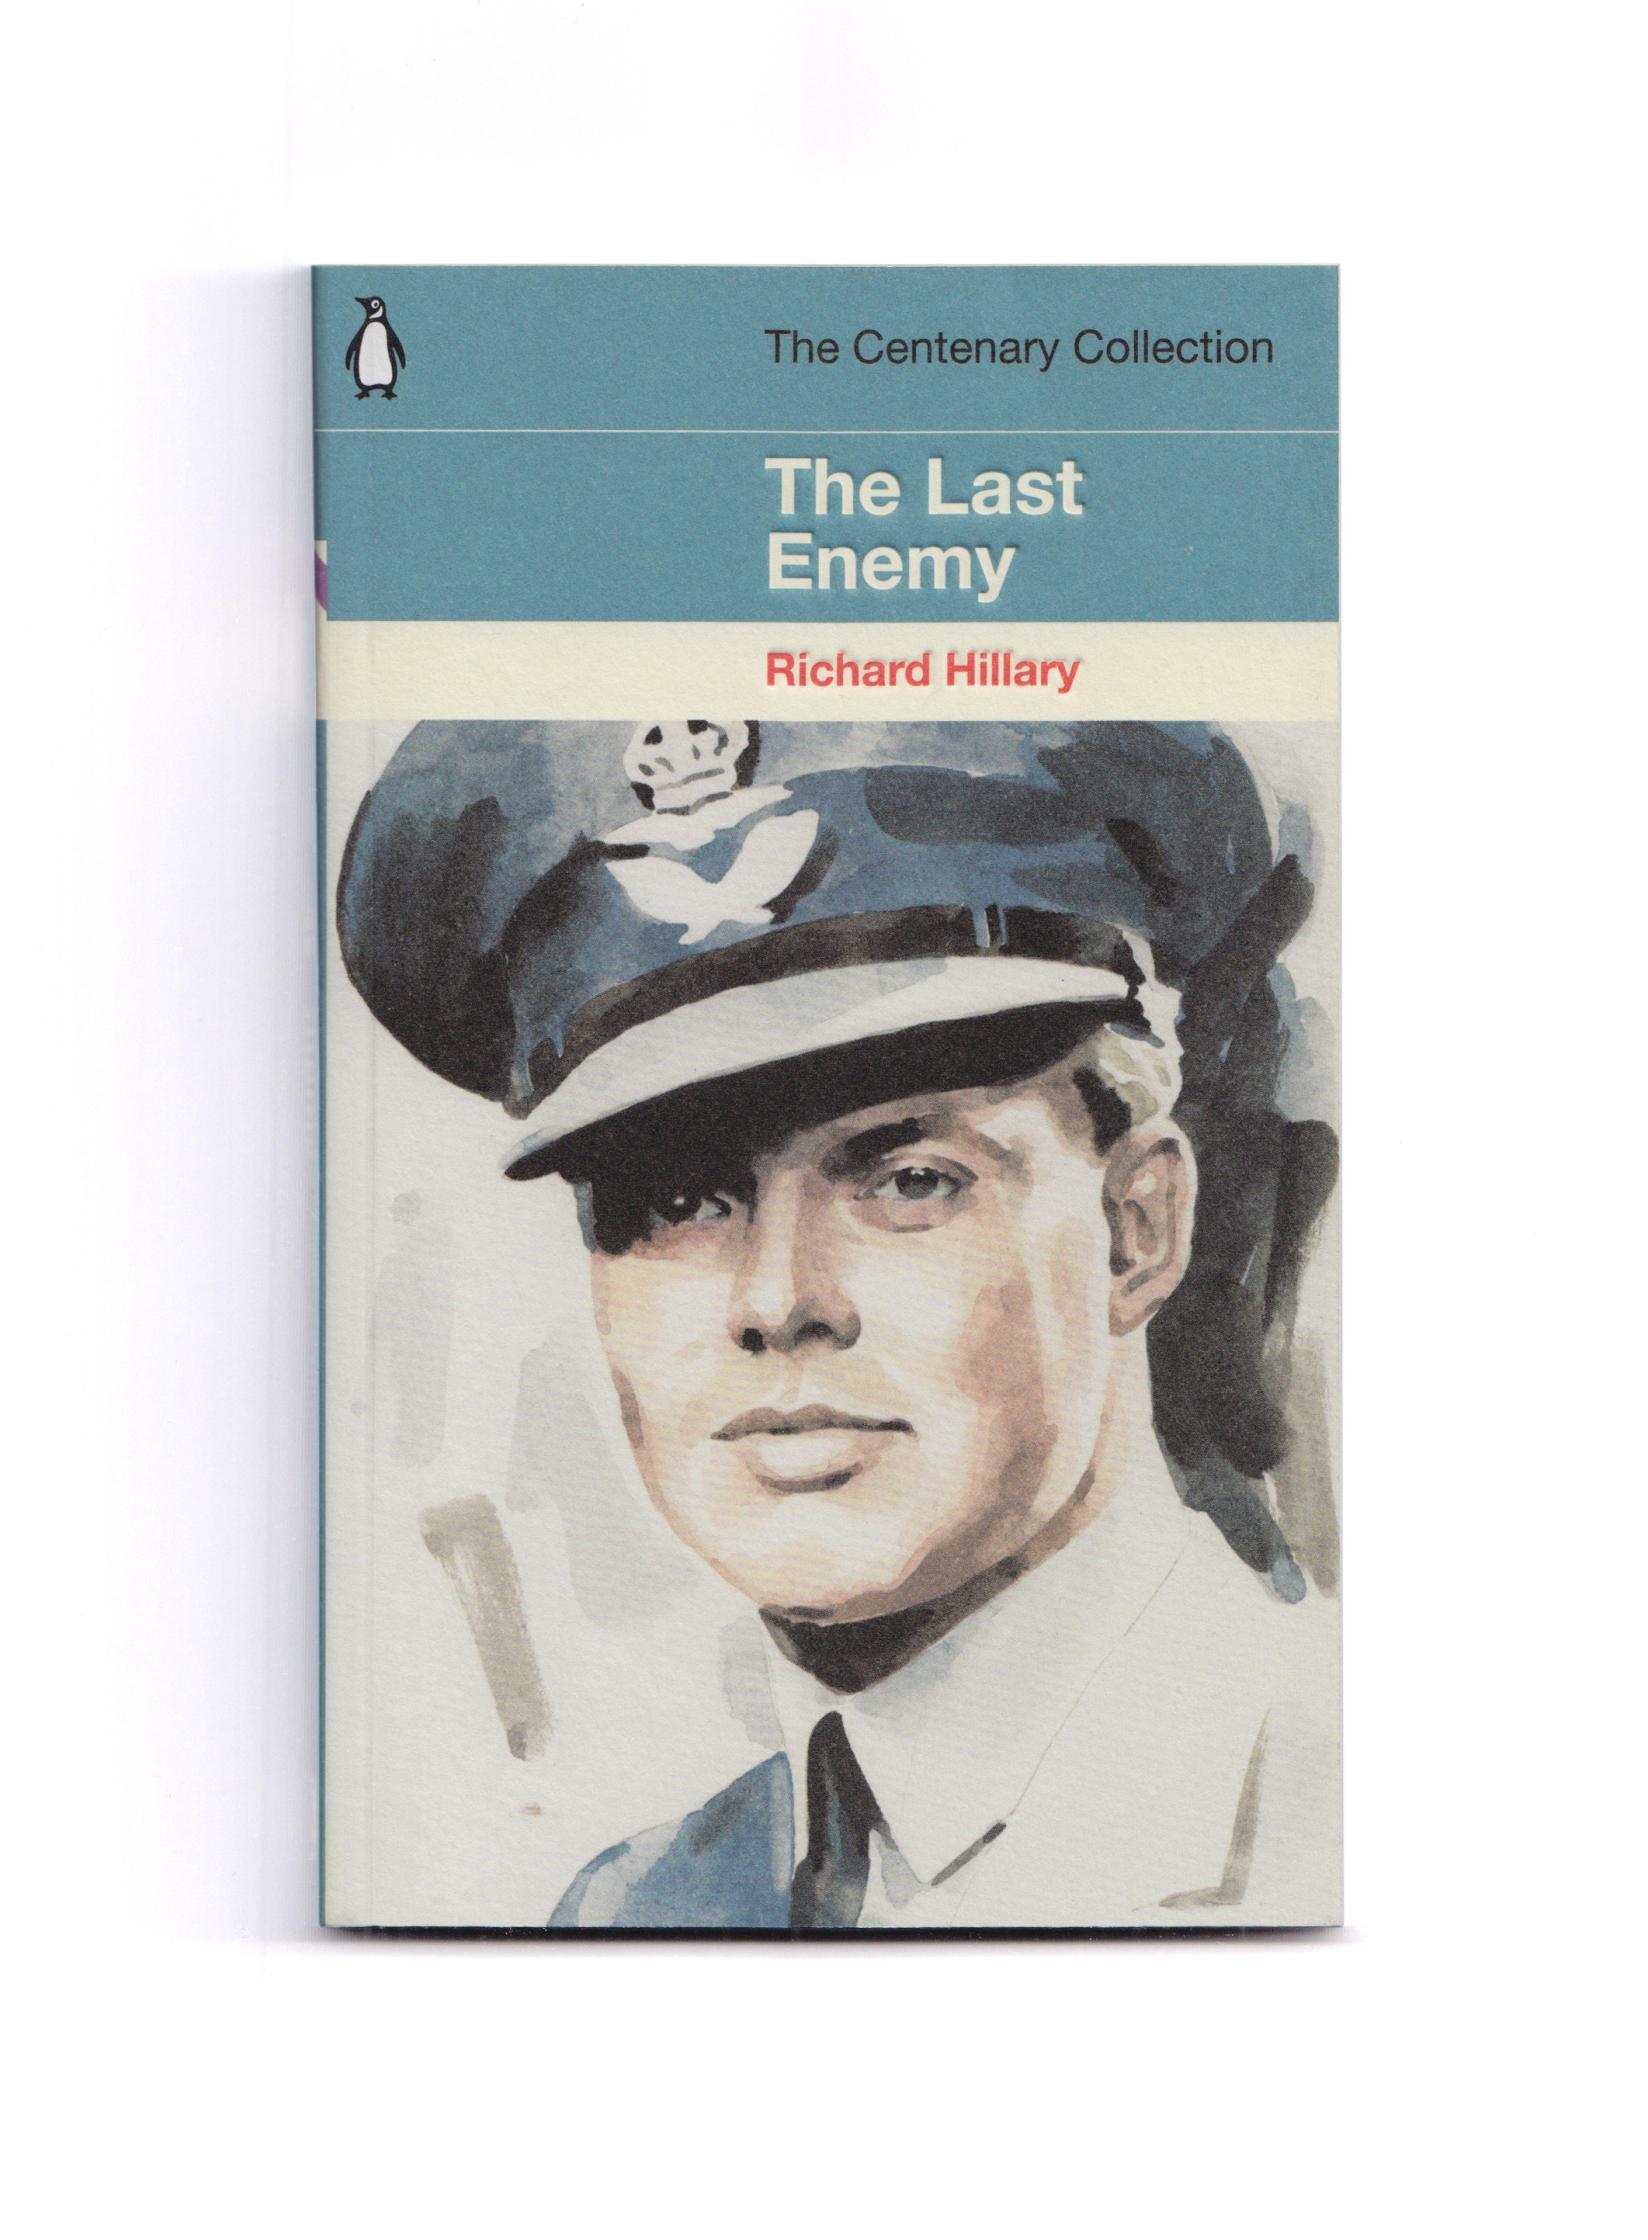 The_Last_Enemy_Cover_Penguin.jpg